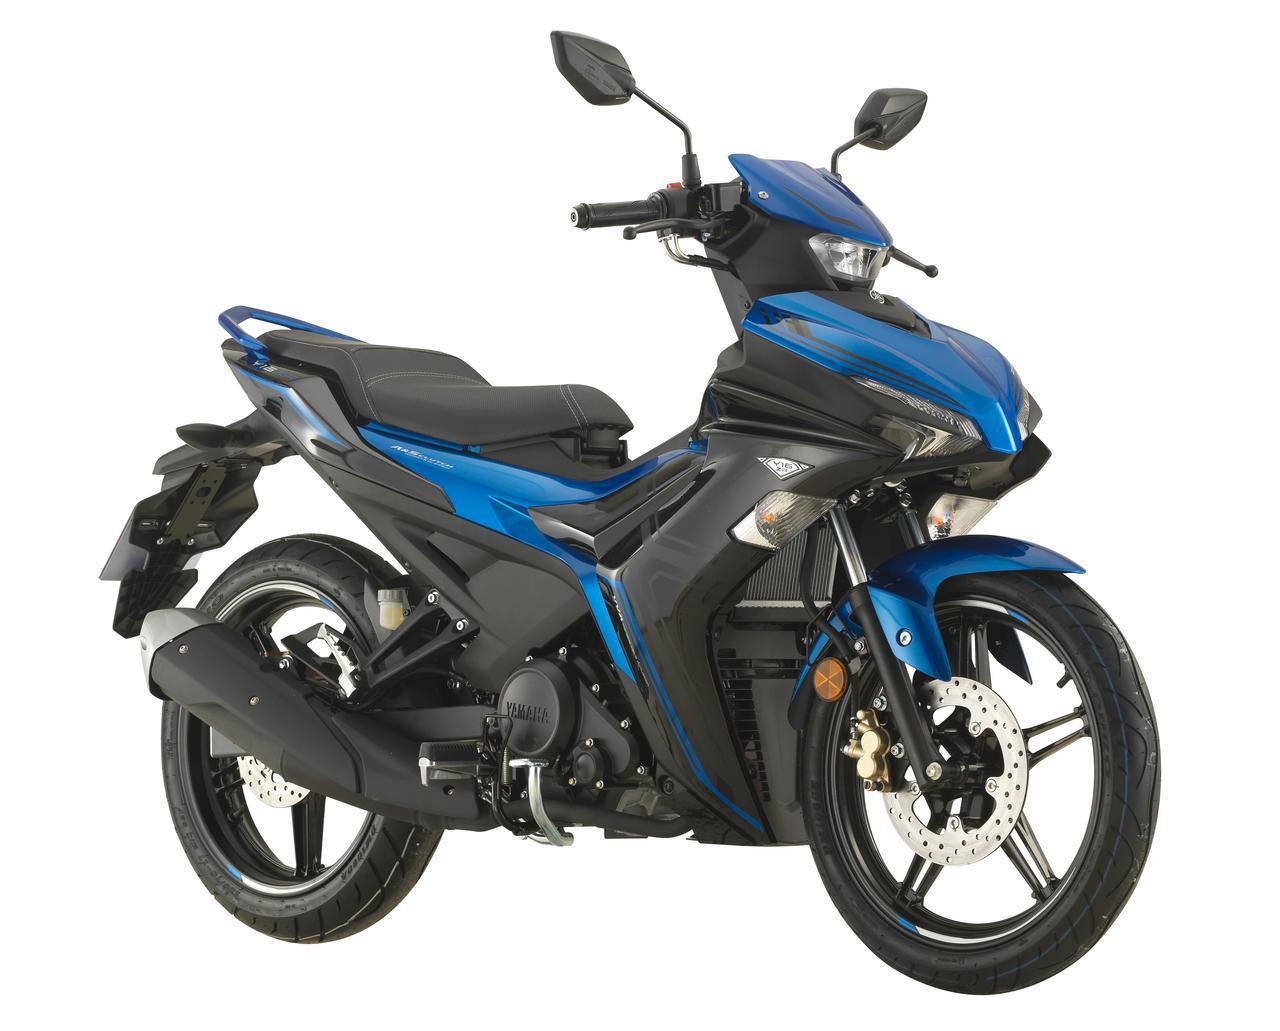 画像: YAMAHA Y16ZR 総排気量:155cc エンジン形式:水冷4ストSOHC4バルブ単気筒 シート高:795mm 車両重量:119kg